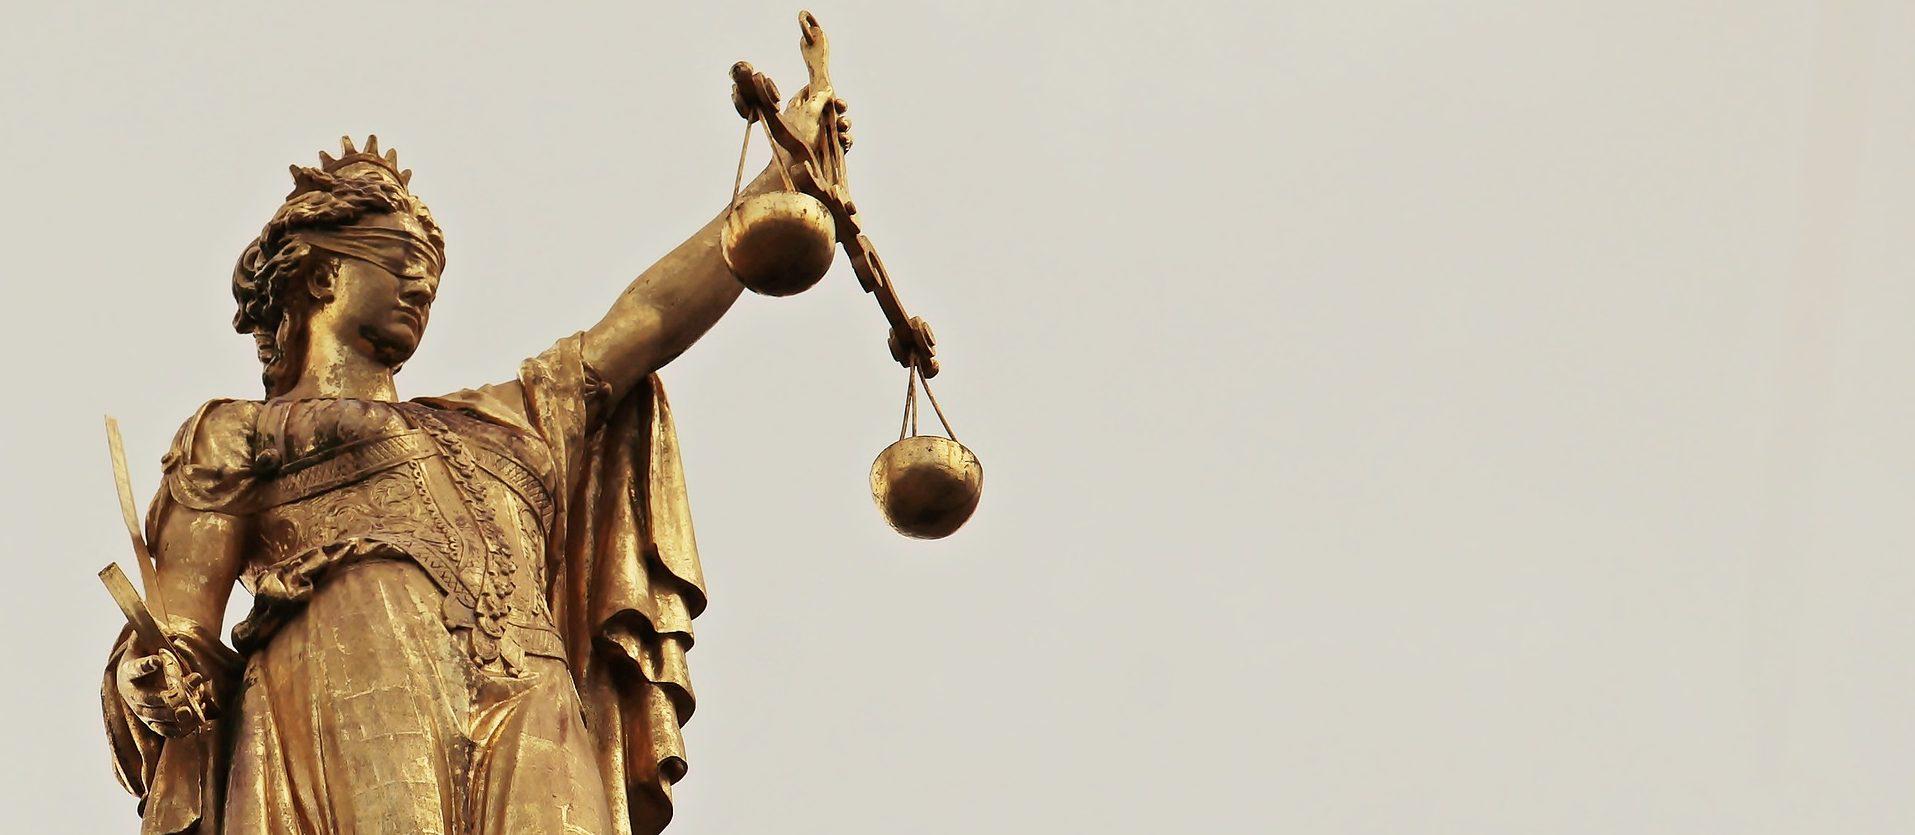 Koszty sądowe idą w górę, przewoźniku spiesz się się ze złożeniem pozwu